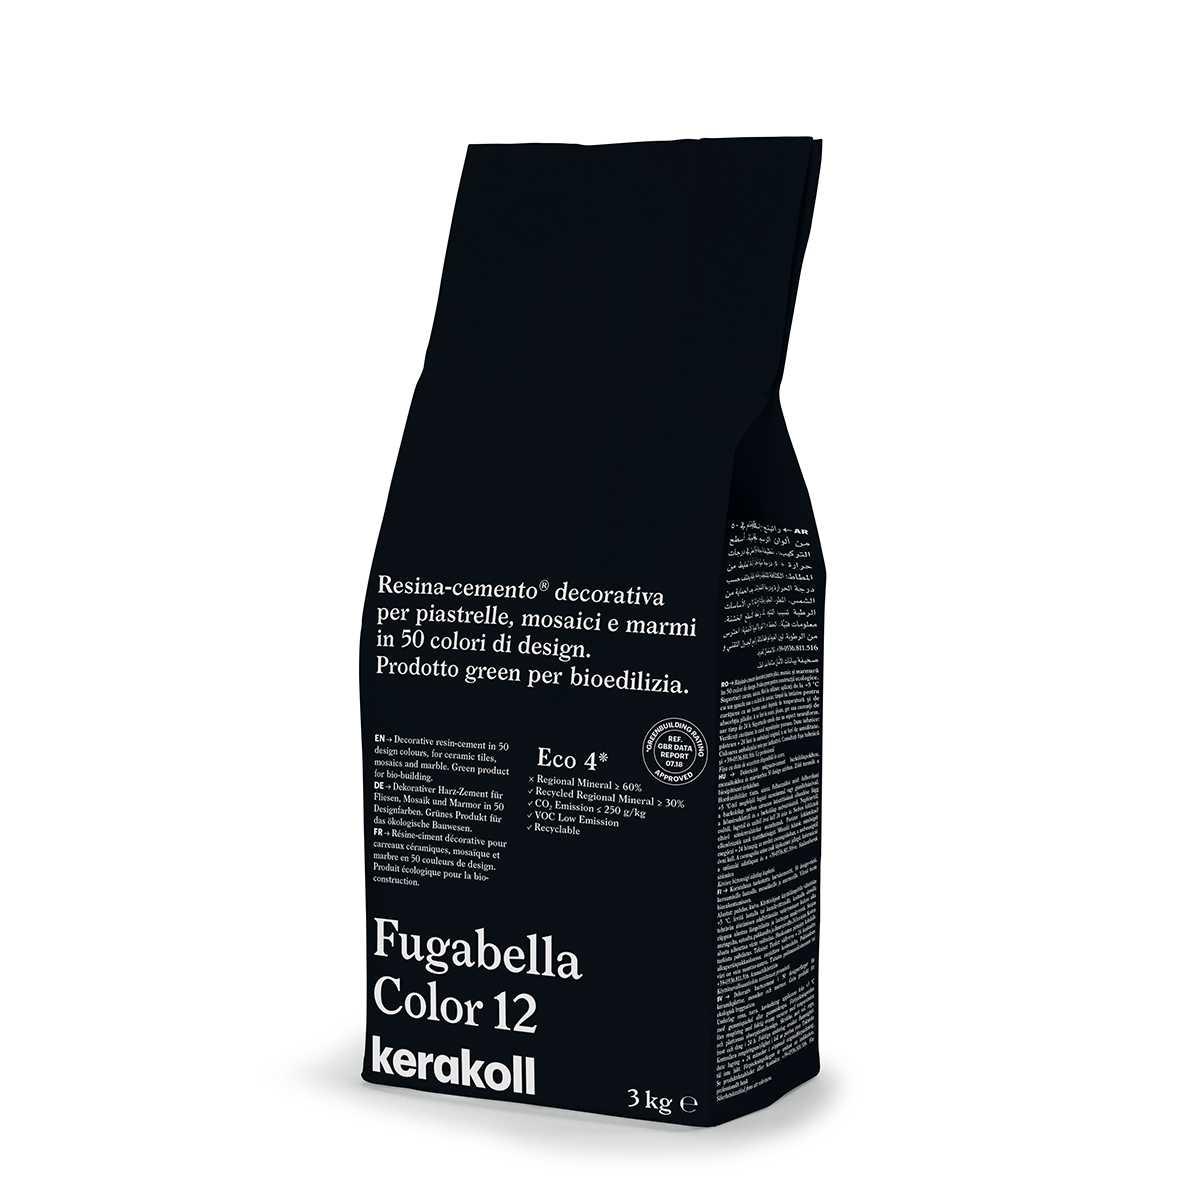 Kerakoll Fugabella Color 12 3kg stucco per fughe uso interno ed esterno